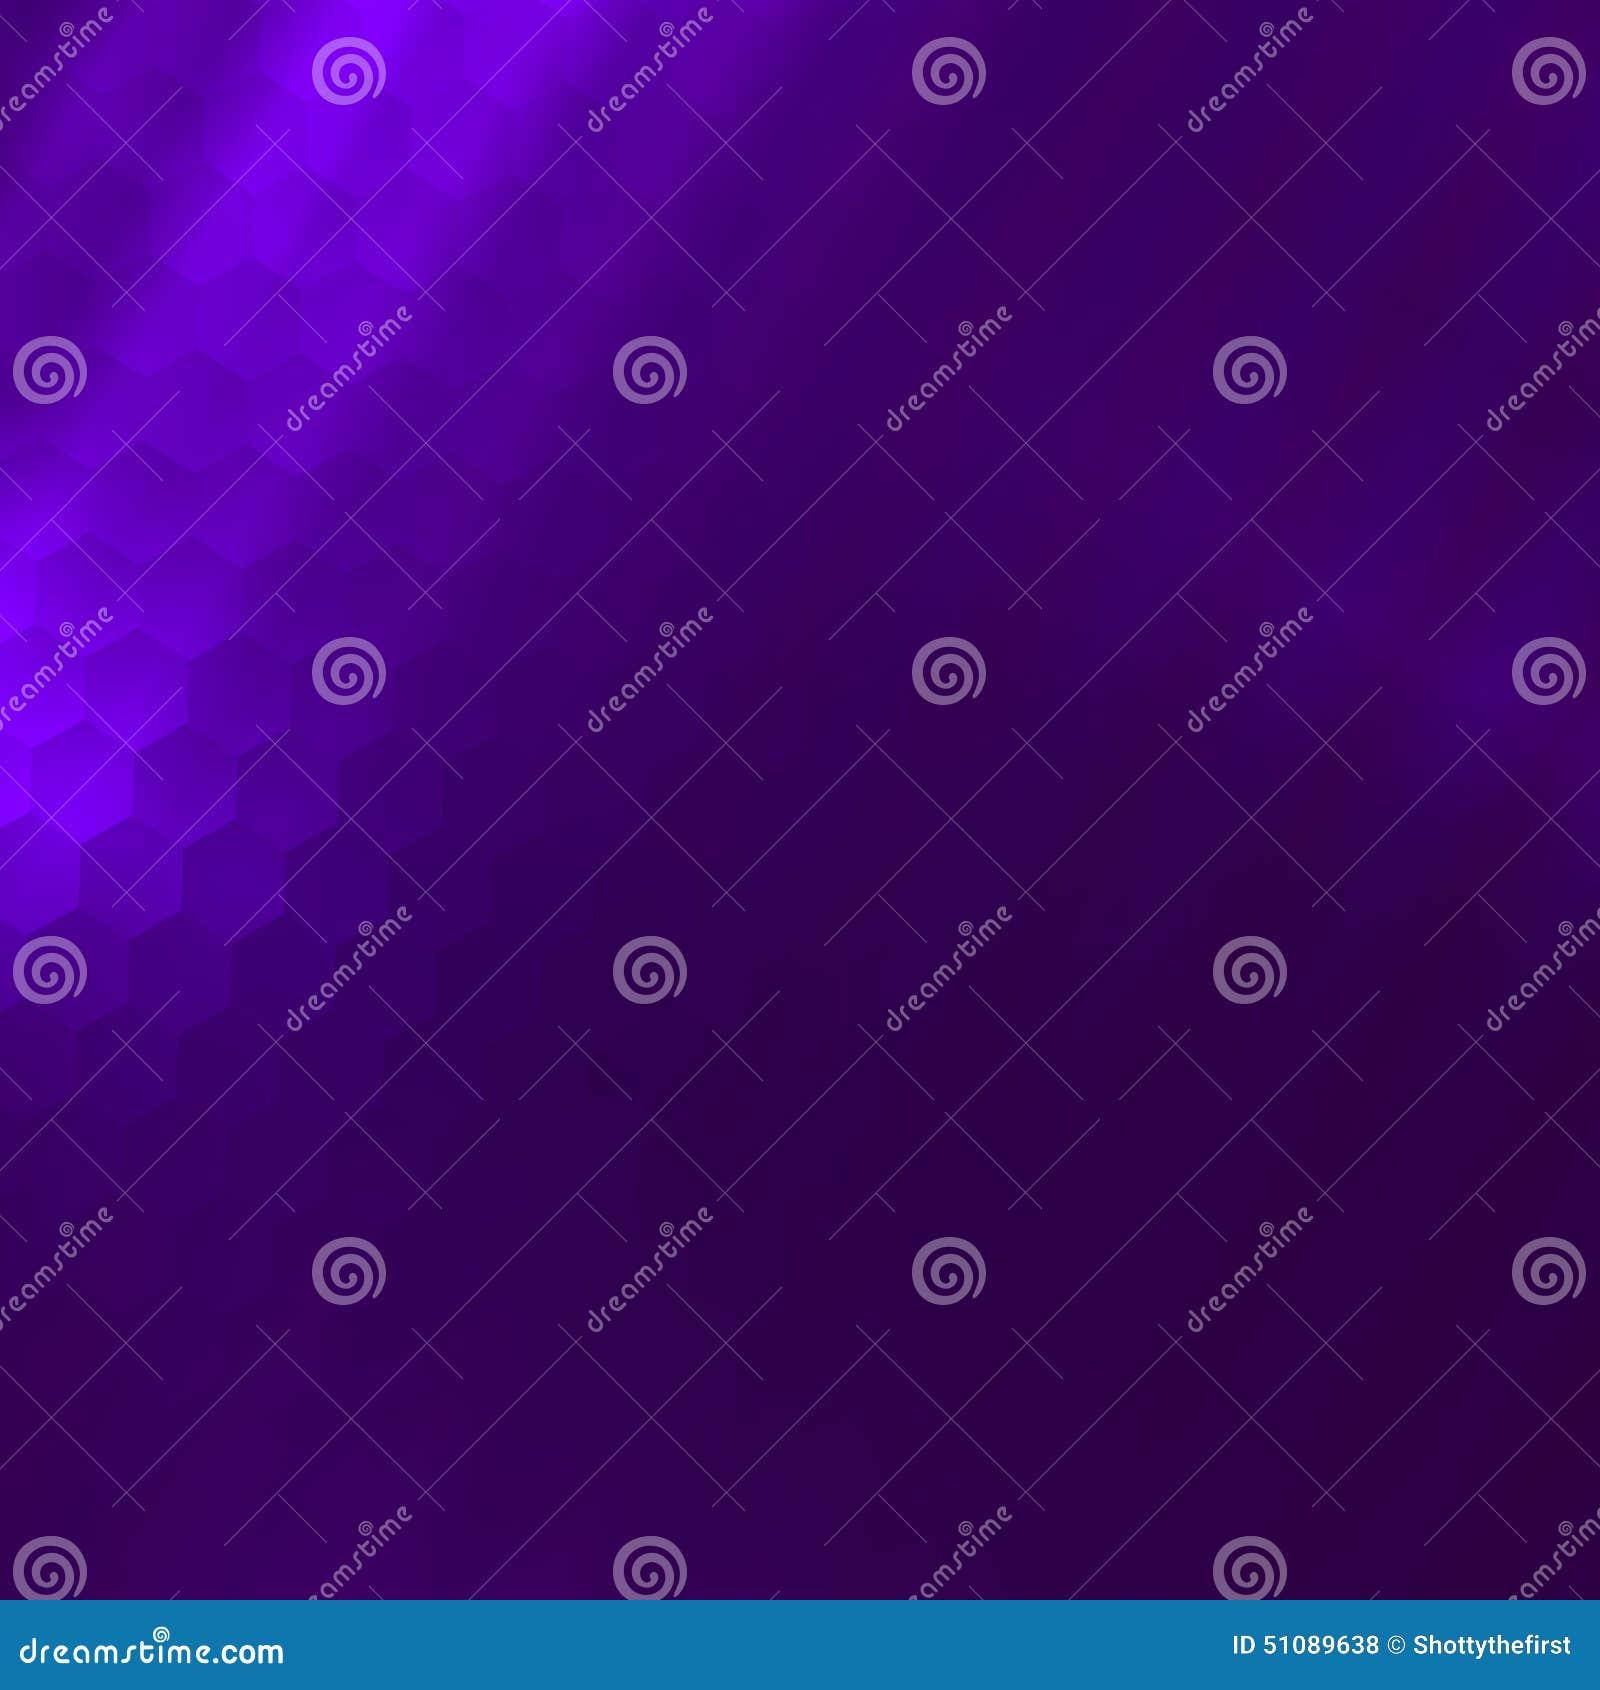 elegant purple backgrounds - photo #14